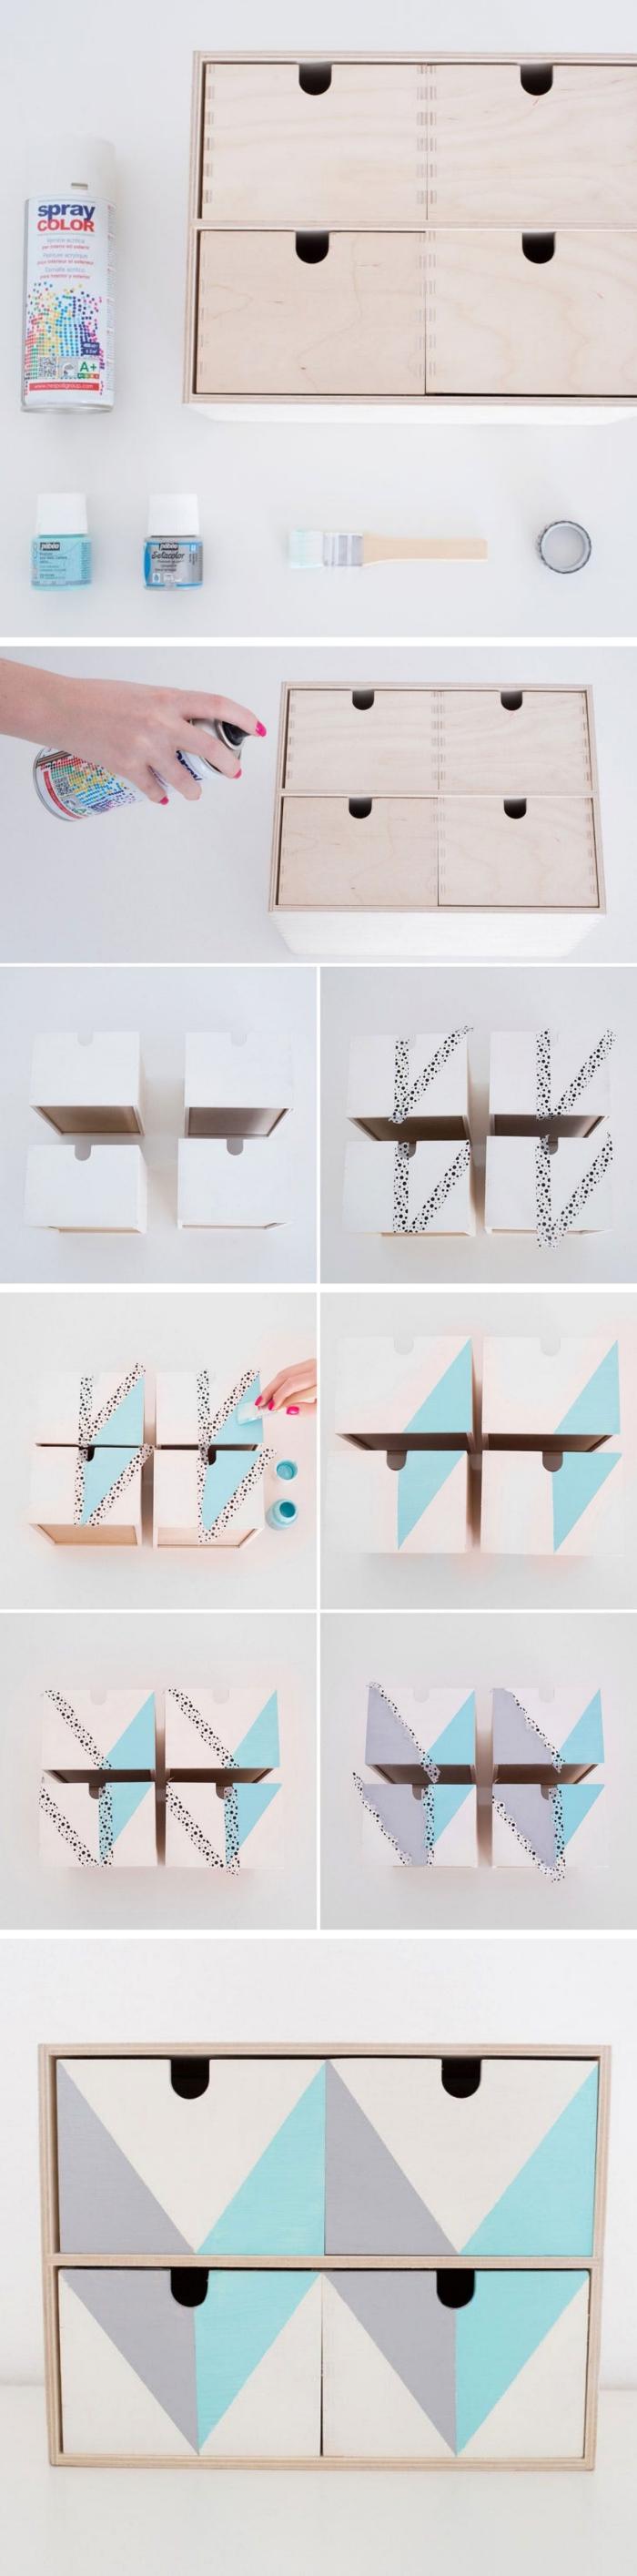 tutoriel avec photo pour colorer les meubles en bois avec peinture bois de nuance gris et turquoise